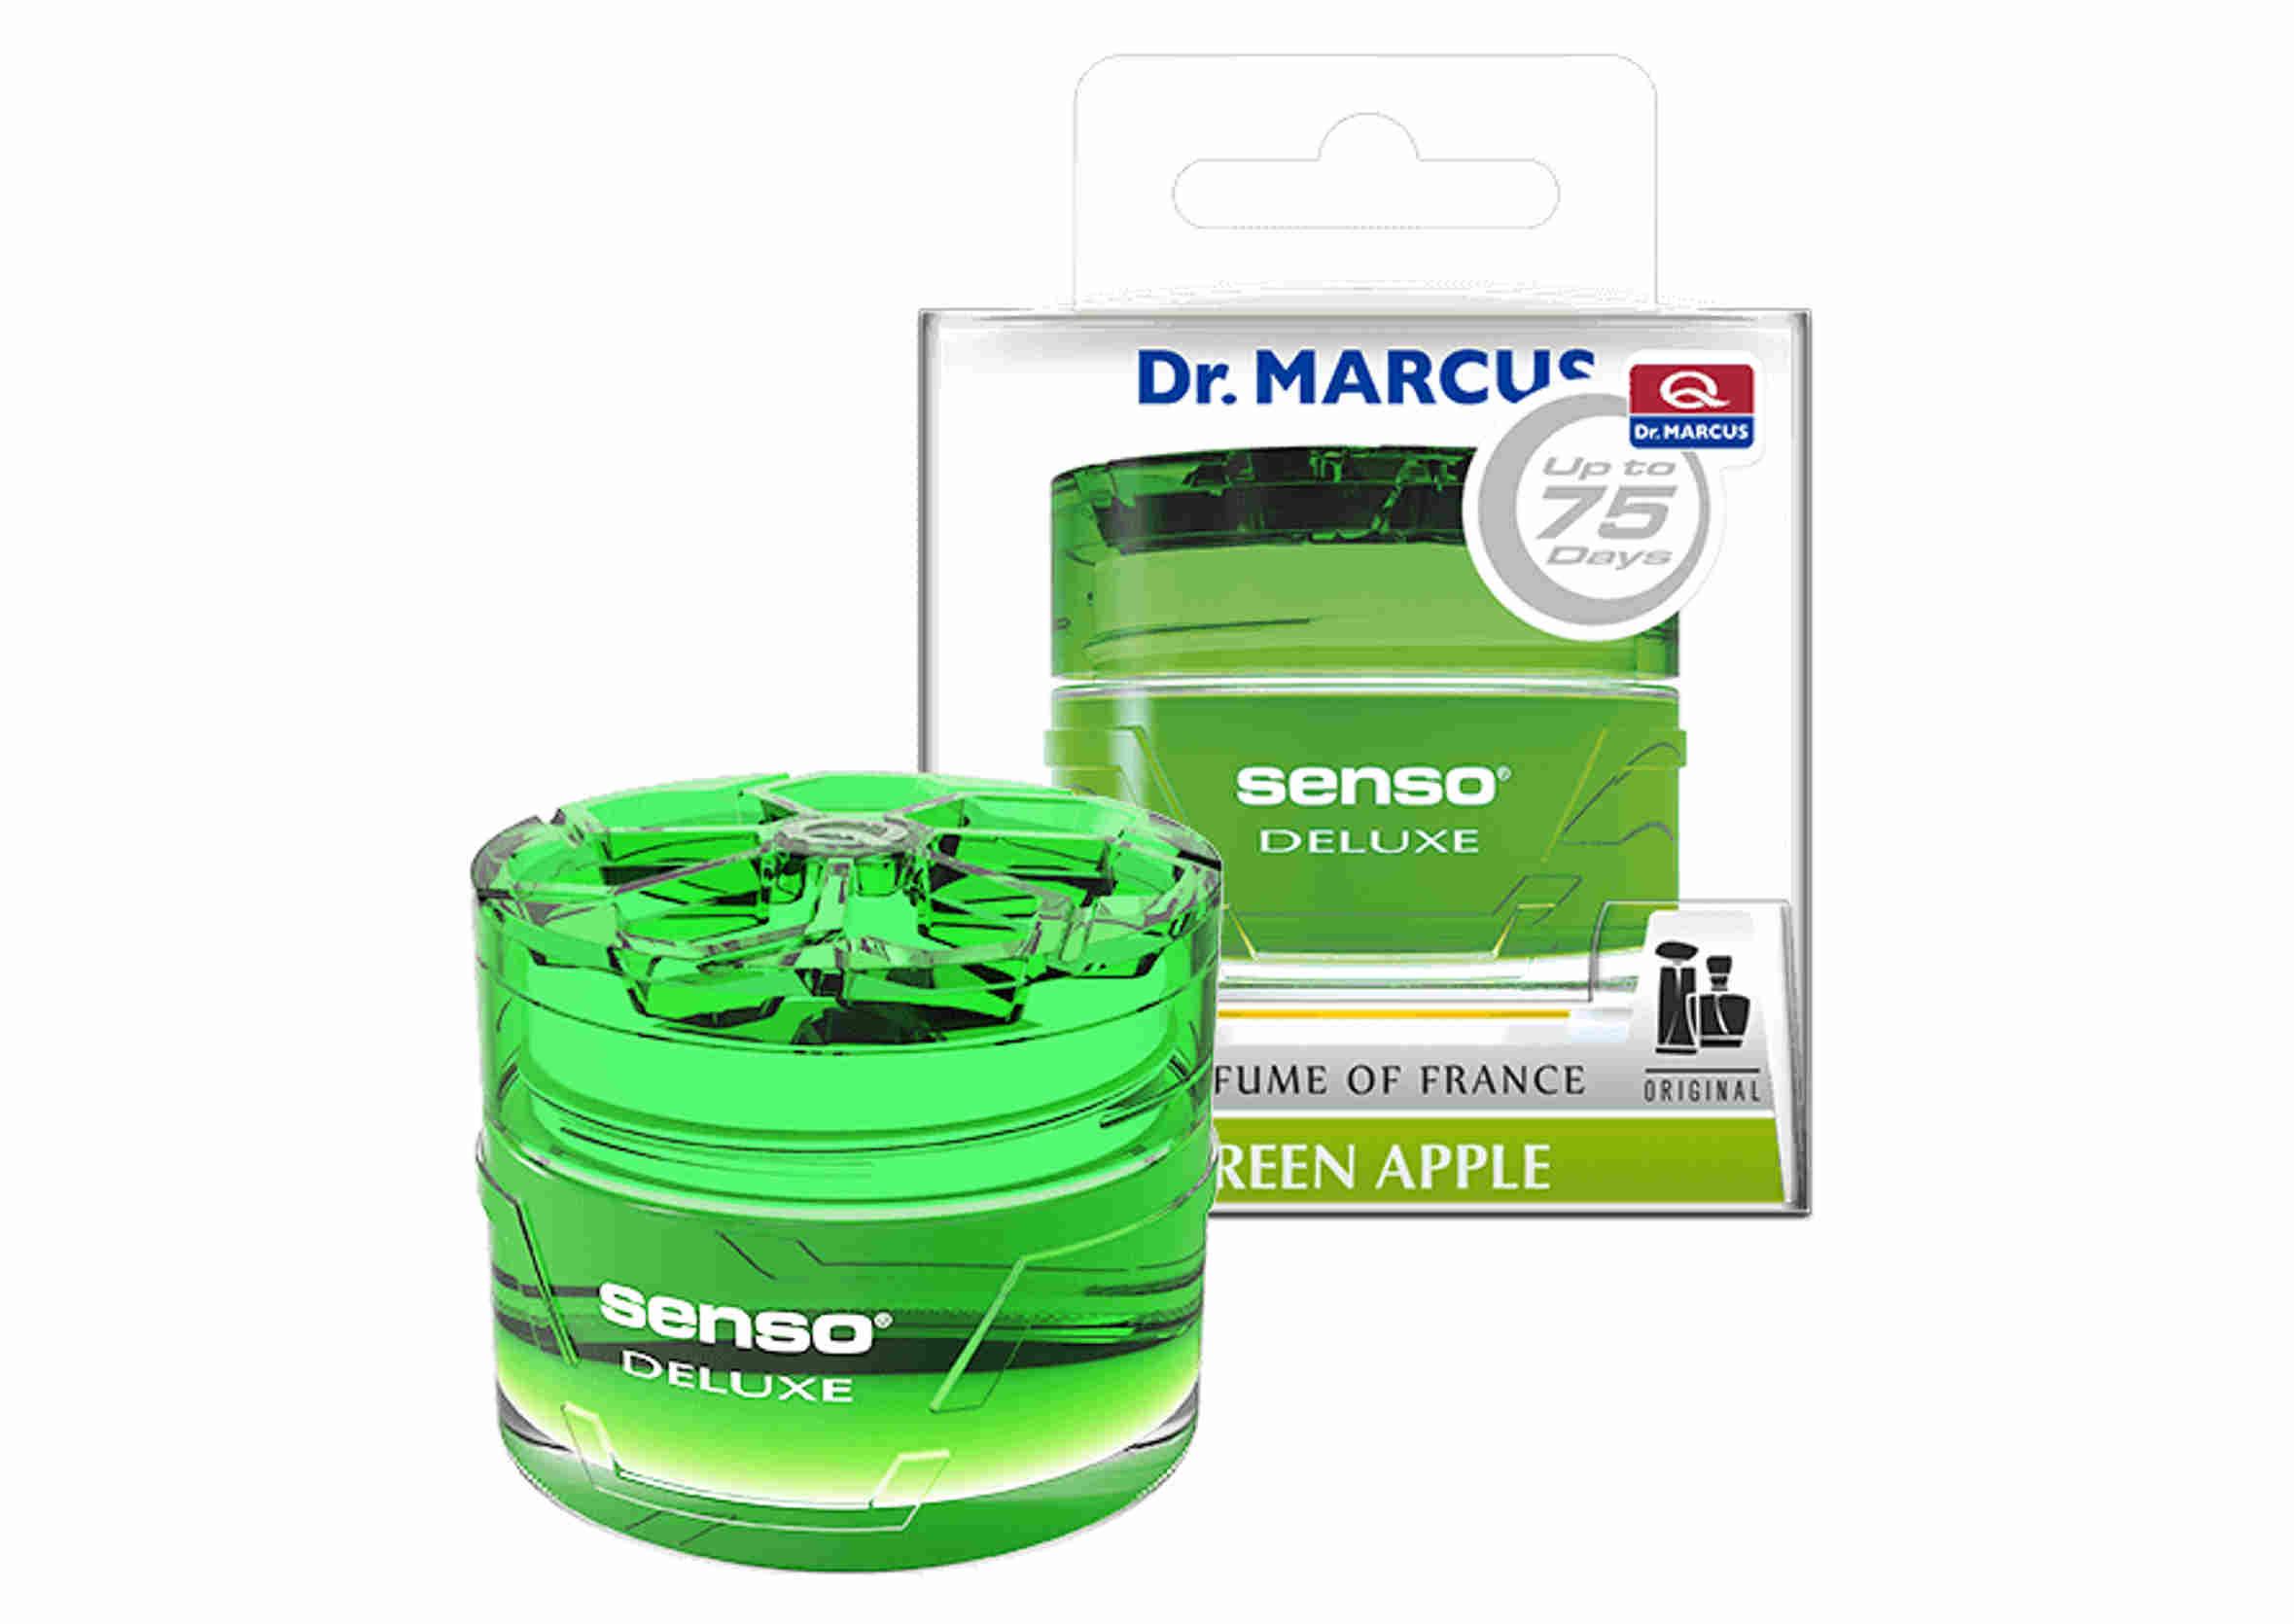 Dr. Marcus Senso Deluxe Gel Green Apple 50ml Odświeżacz Powietrza w Żelu